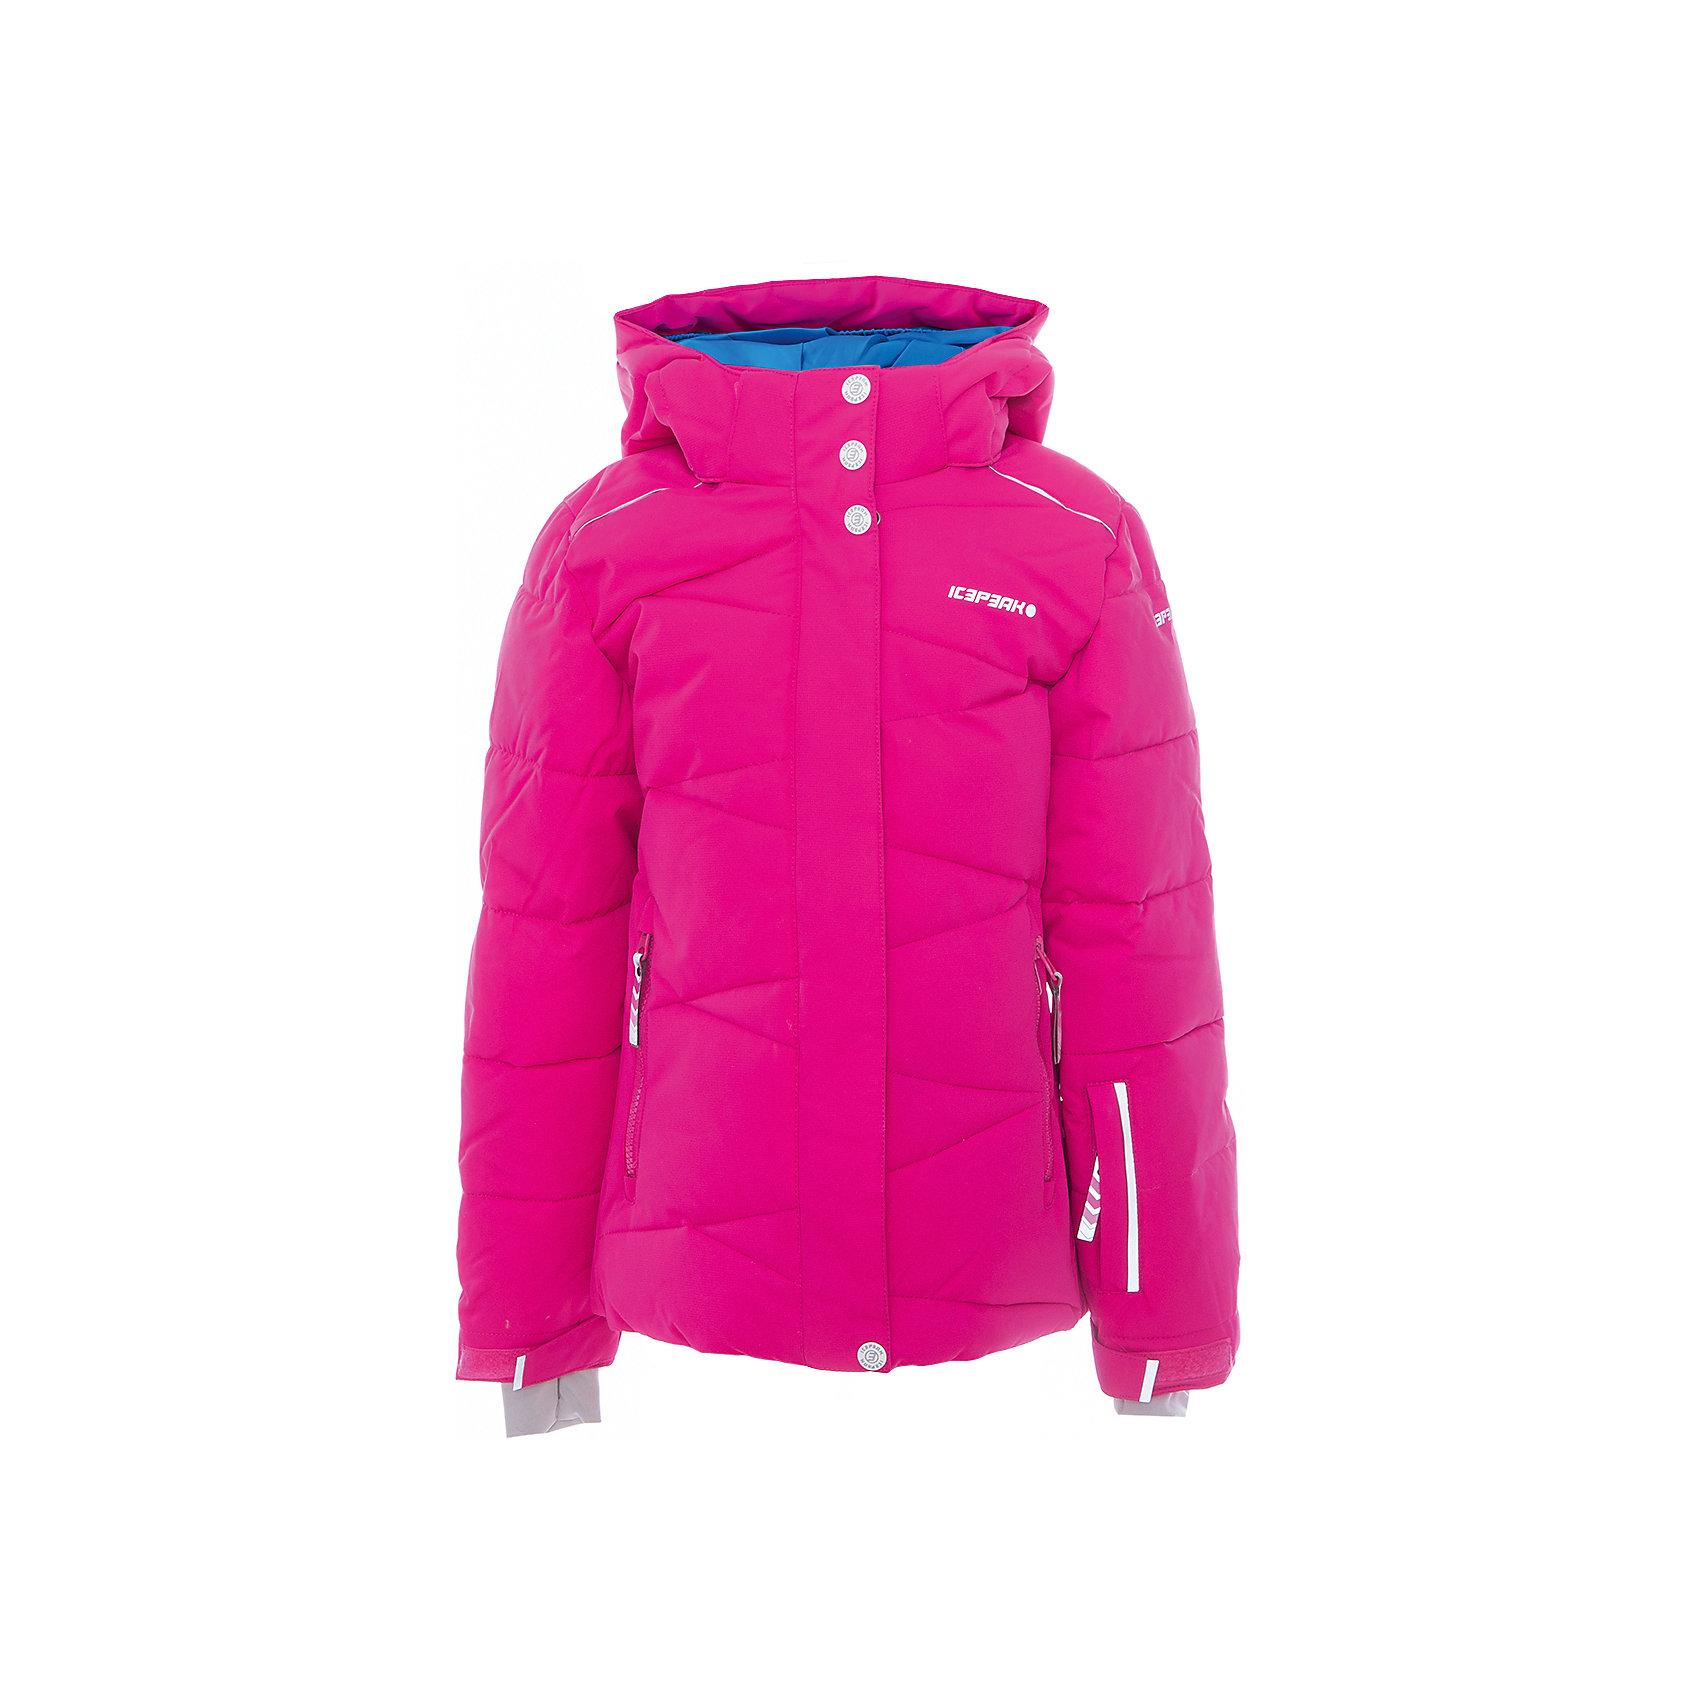 Куртка для девочки ICEPEAKОдежда<br>Куртка для девочки от известного бренда ICEPEAK.<br>Куртка с отстегивающимся капюшоном, молния закрыта планкой, сформированный локоть, утяжка в нижней части куртки, снегозащитная юбка, регулируемый манжет на липучке, эластичный внутренний манжет с прорезью для пальца, утепленные и мягкие боковые карманы на молнии, карман для ski pass, мягкий и теплый внутренний воротник, светоотражающие элементы, утеплитель искусственный пух Finnwad, утепление 190/110 гр., рекомендуемый температурный режим до -25 град.<br>Технологии: Icetech 10 000mm/5000 g; Super soft touch; Children's safety; Reflectors<br>Состав:<br>100% полиэстер<br><br>Ширина мм: 356<br>Глубина мм: 10<br>Высота мм: 245<br>Вес г: 519<br>Цвет: розовый<br>Возраст от месяцев: 180<br>Возраст до месяцев: 192<br>Пол: Женский<br>Возраст: Детский<br>Размер: 176,128,140,152,164<br>SKU: 5413977